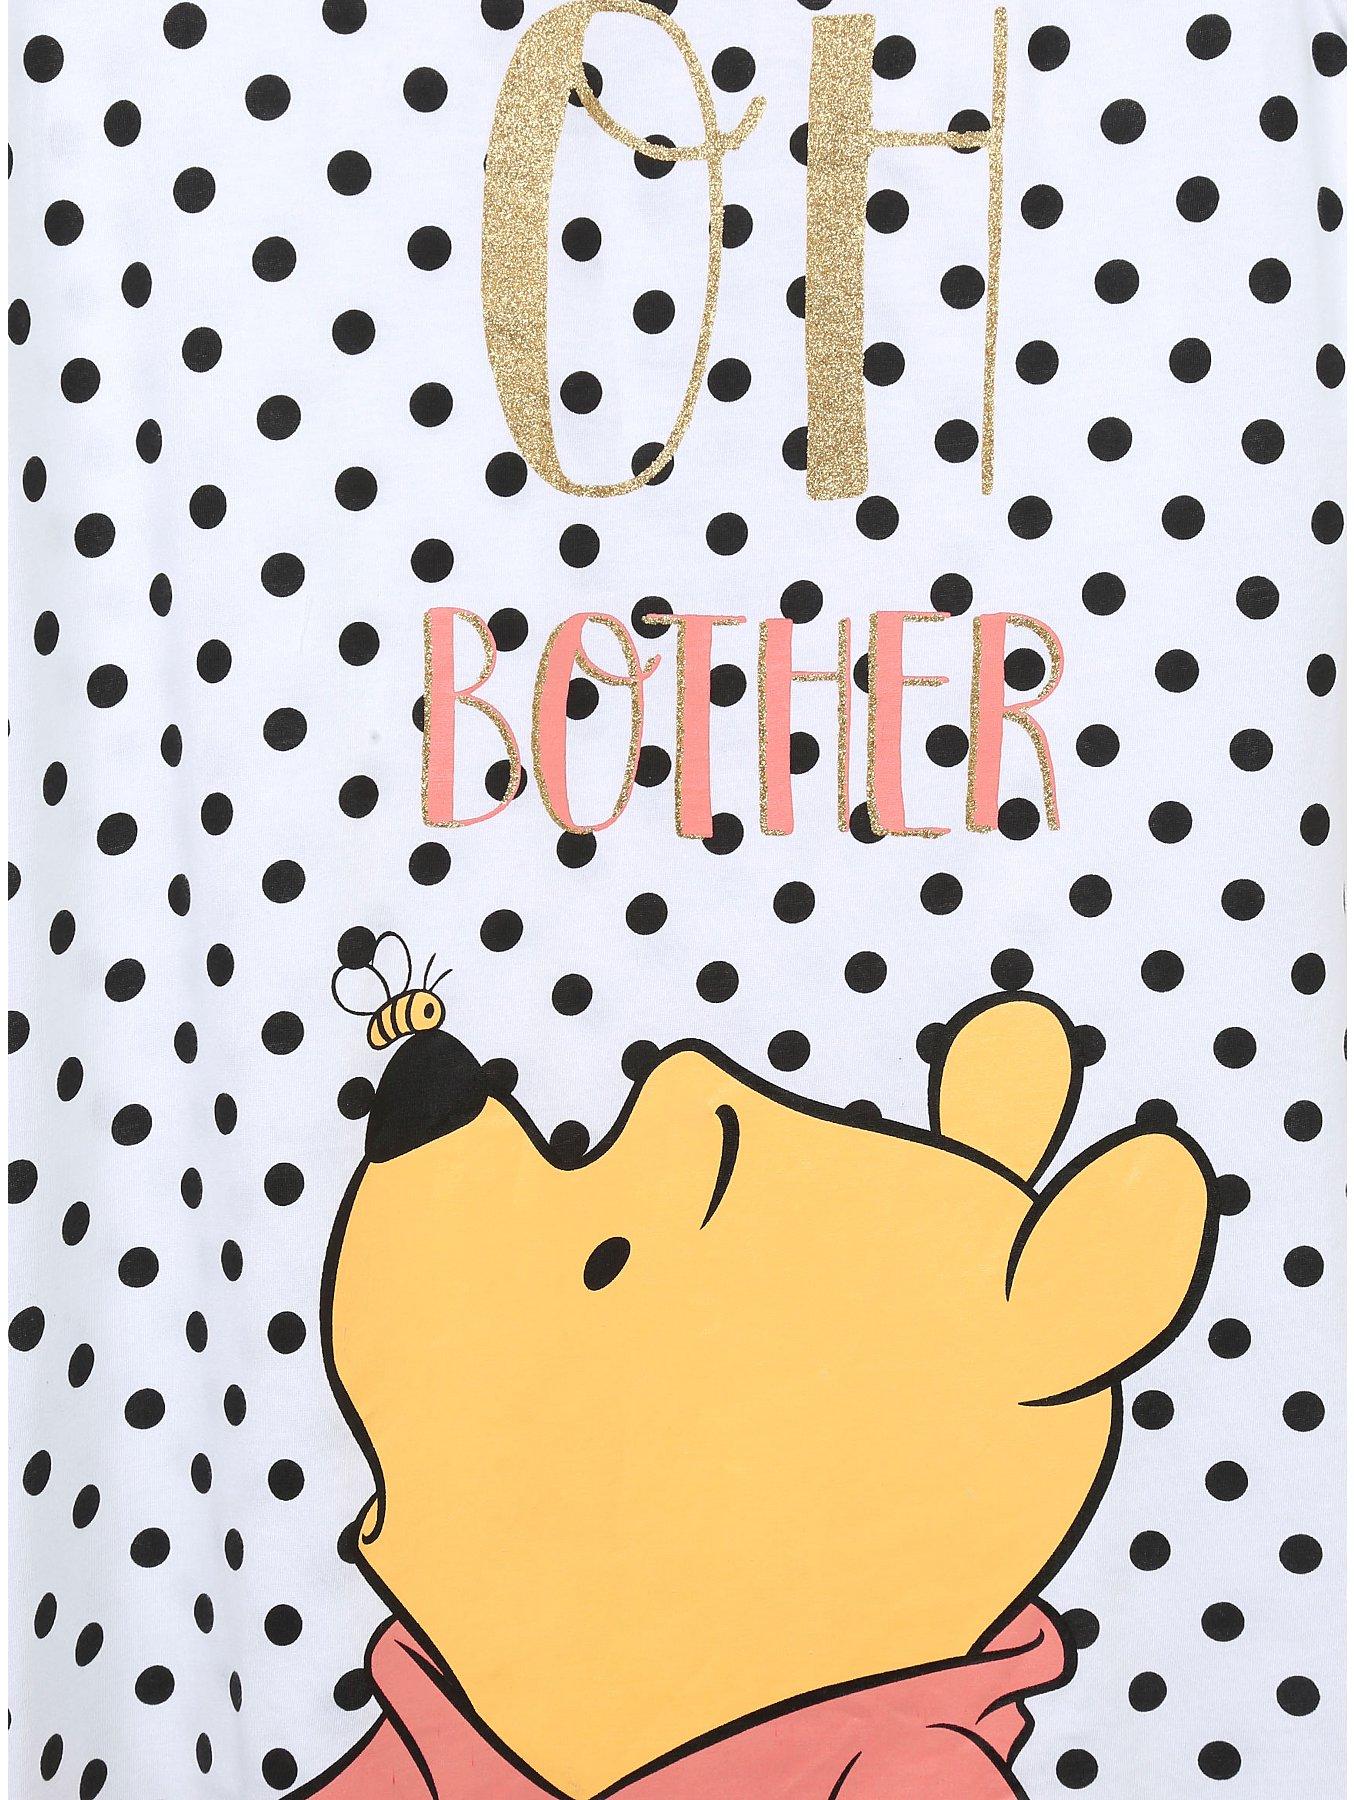 d495325b6bd6 Disney Winnie the Pooh Nightdress. Reset